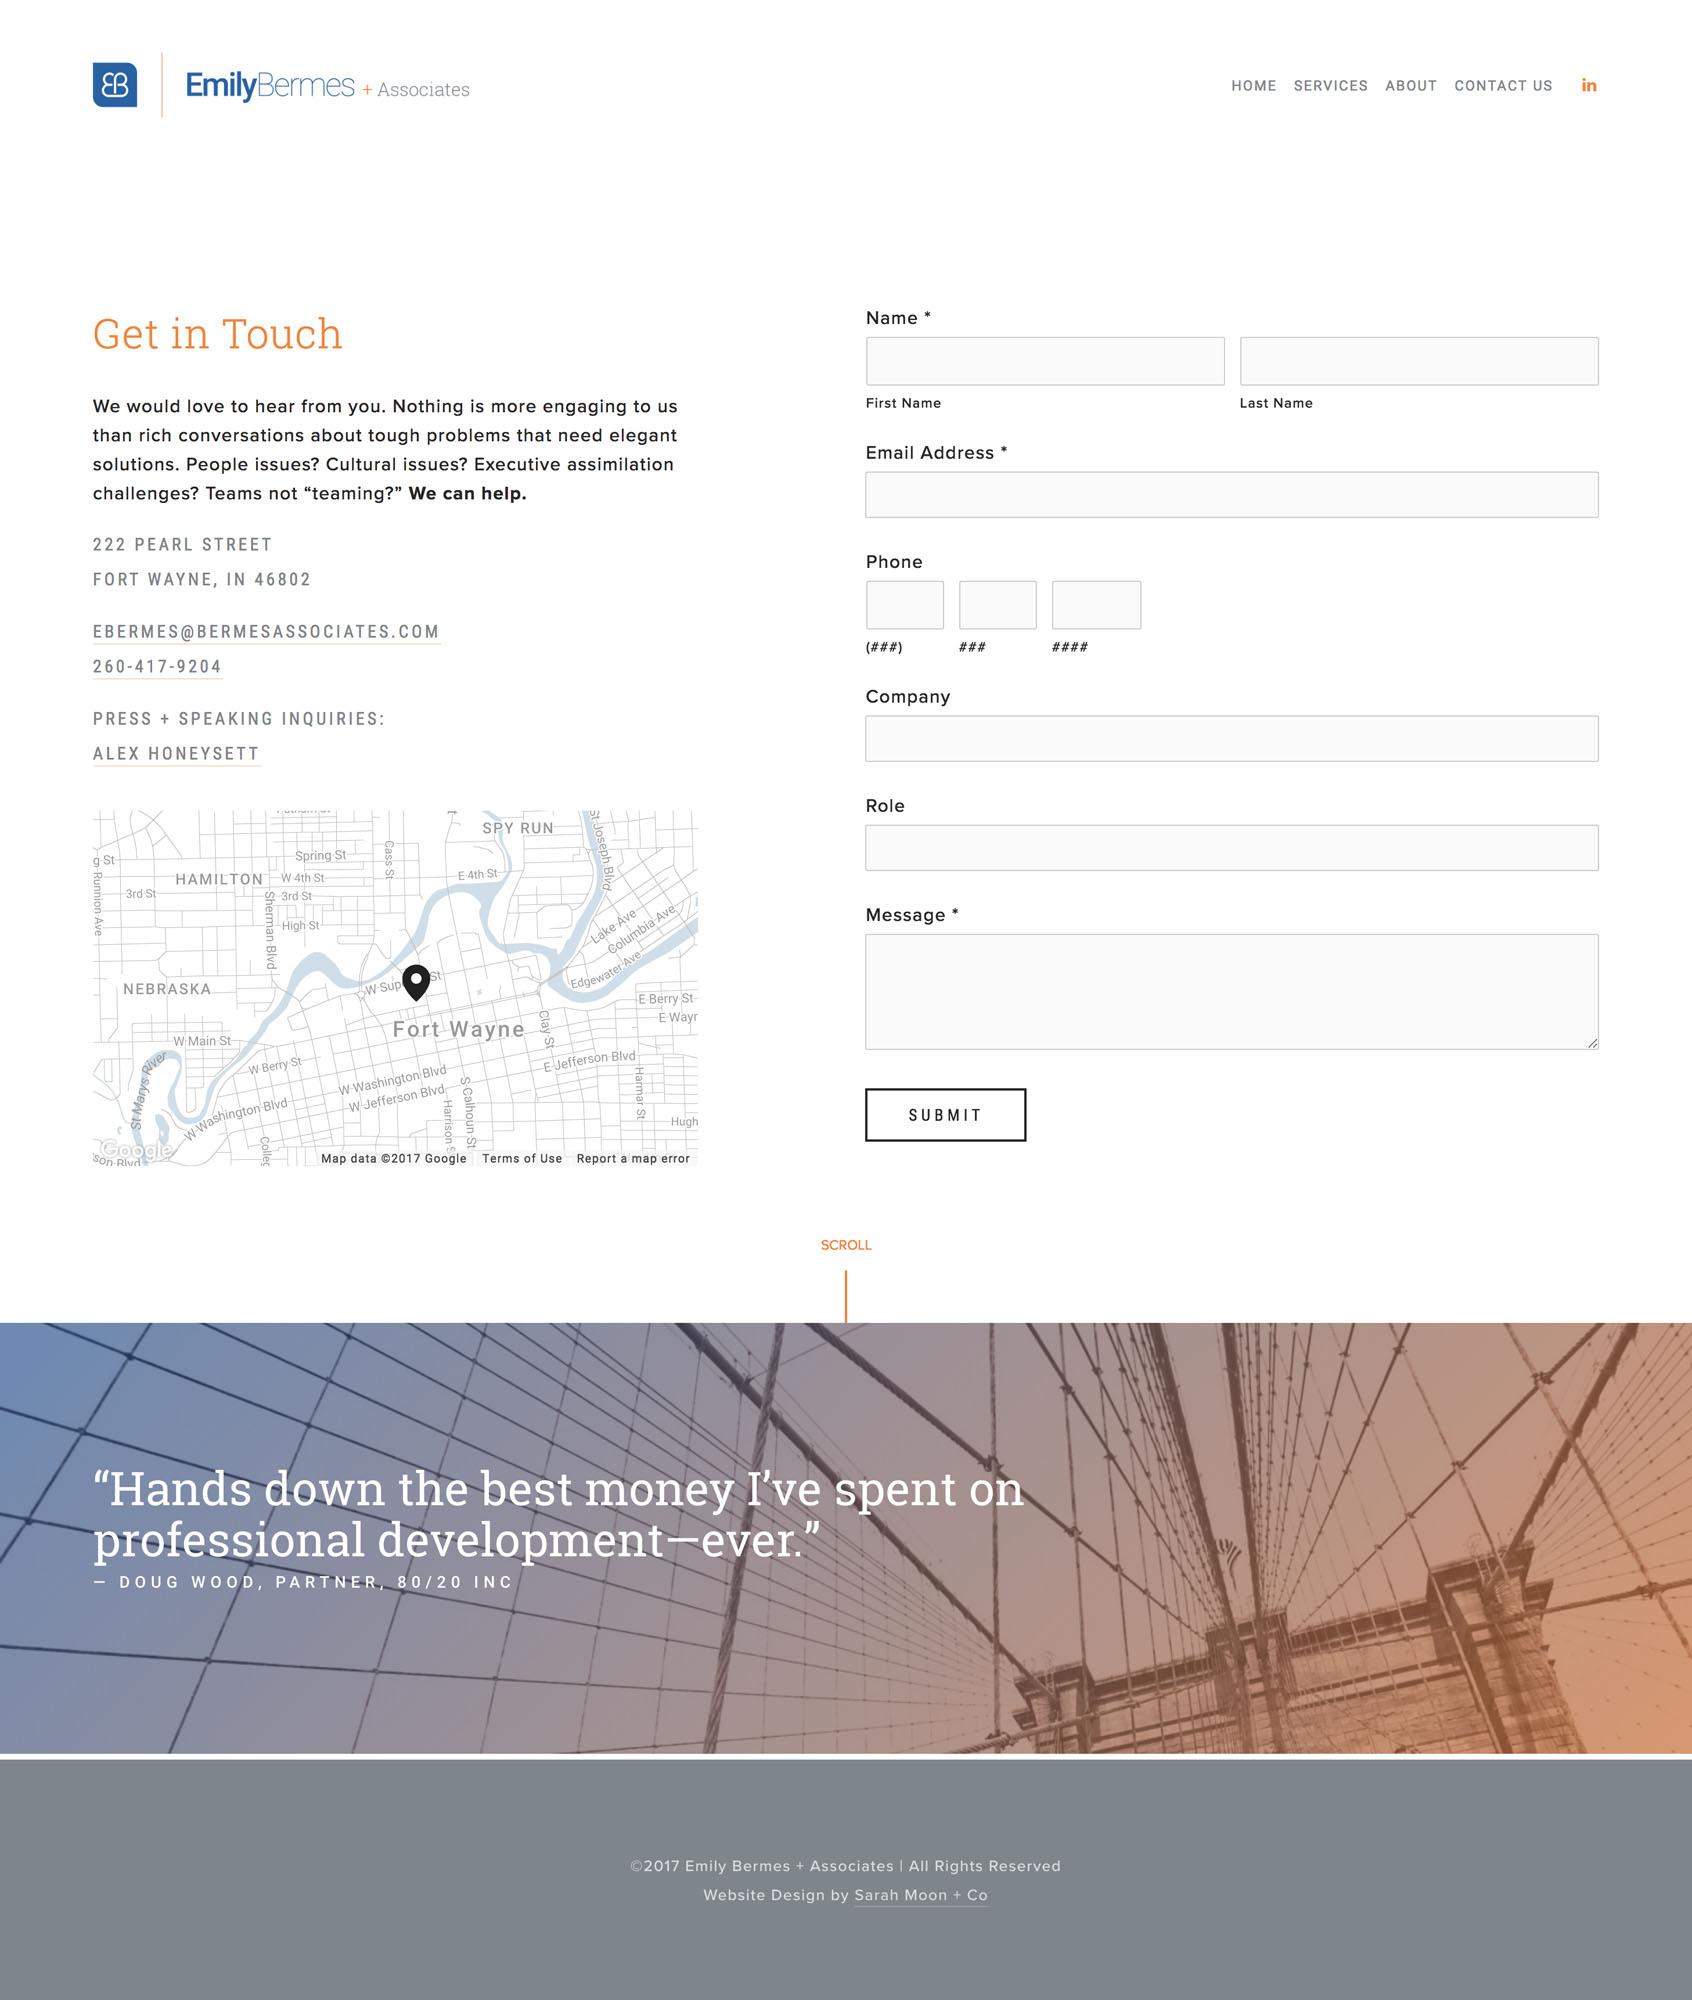 EBA_Contact_SquarespaceWebsite.jpg